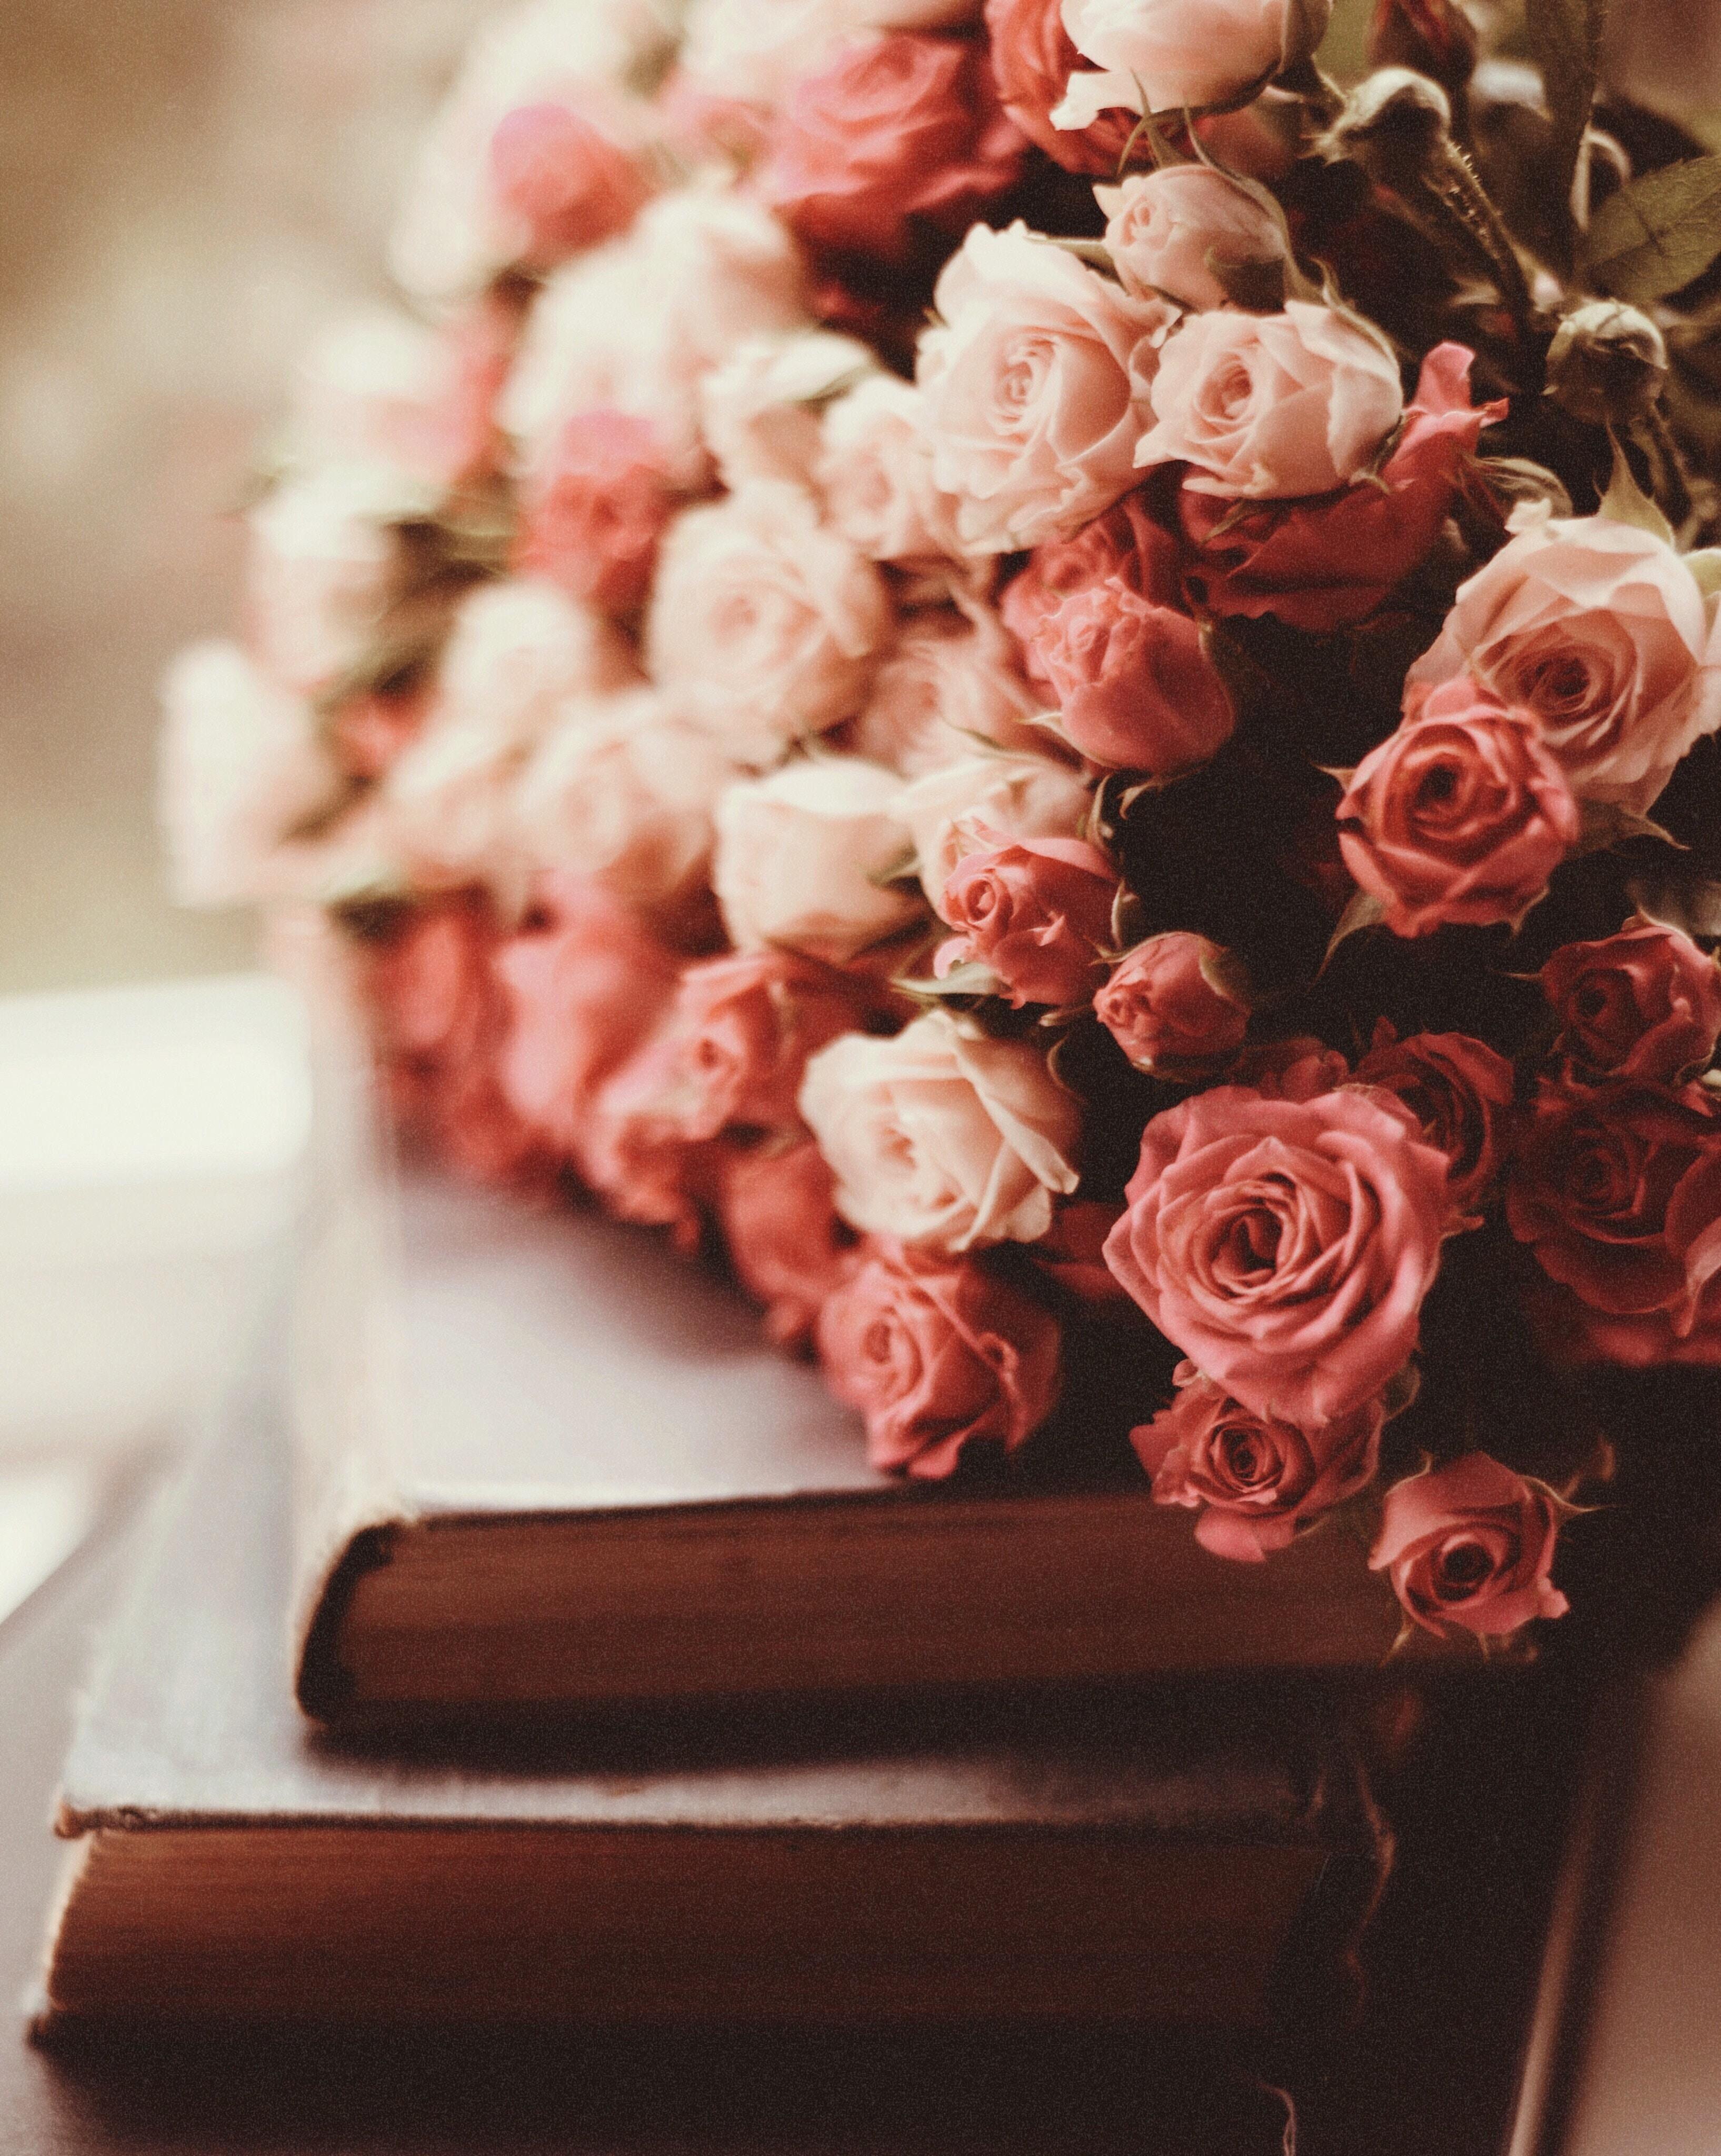 143203 скачать обои Цветы, Букет, Розовые, Книги, Розы - заставки и картинки бесплатно